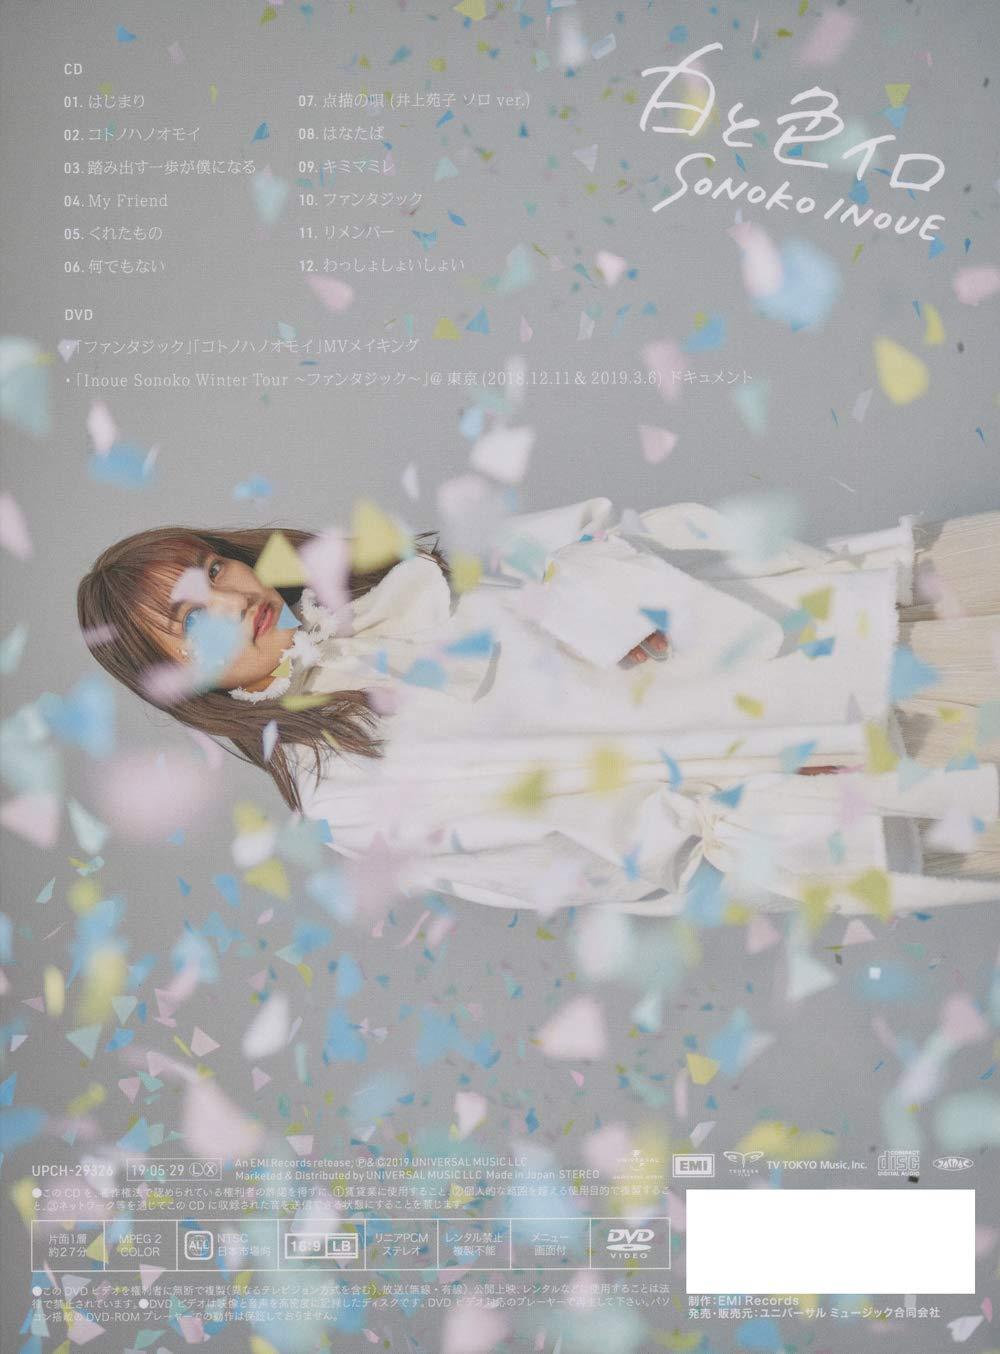 Sonoko Inoue Shiro To Iro Iro Cd Dvd Amazon Com Music